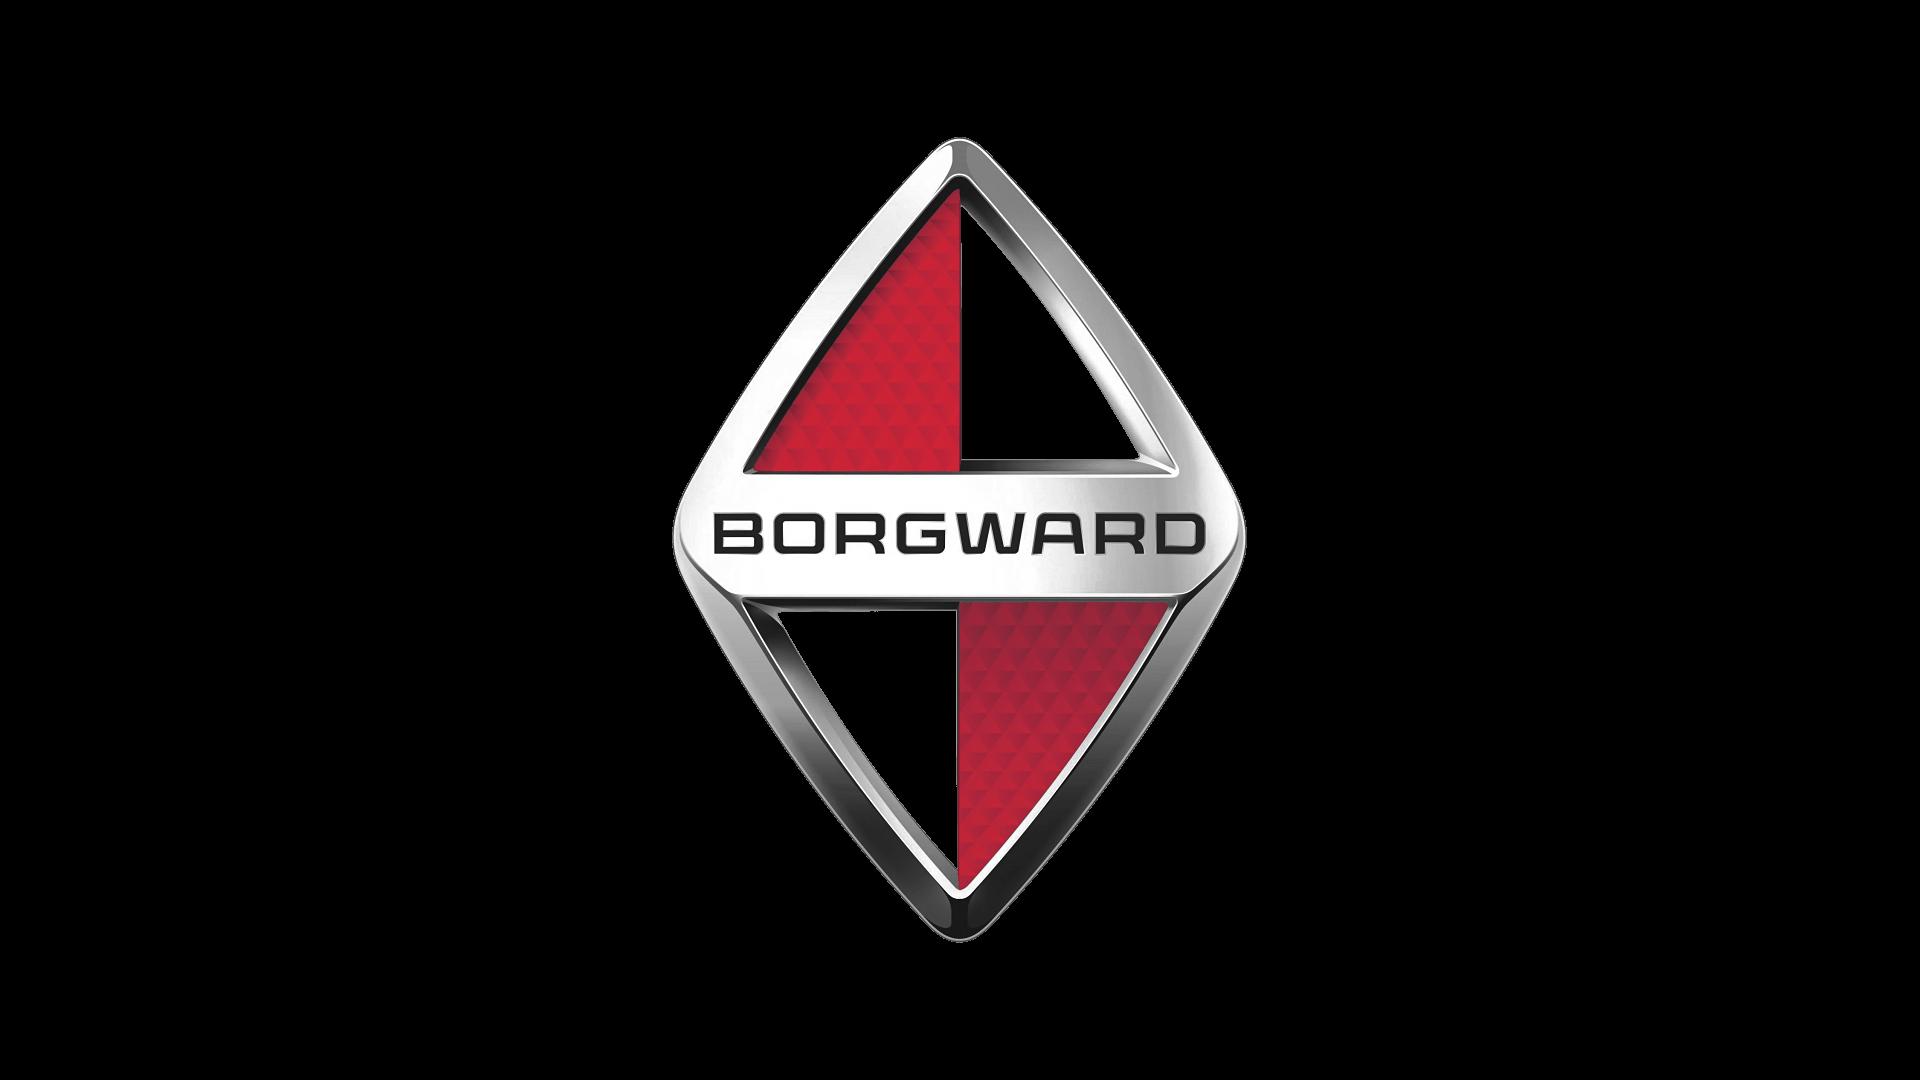 Car Logos Transparent Png Images Stickpng